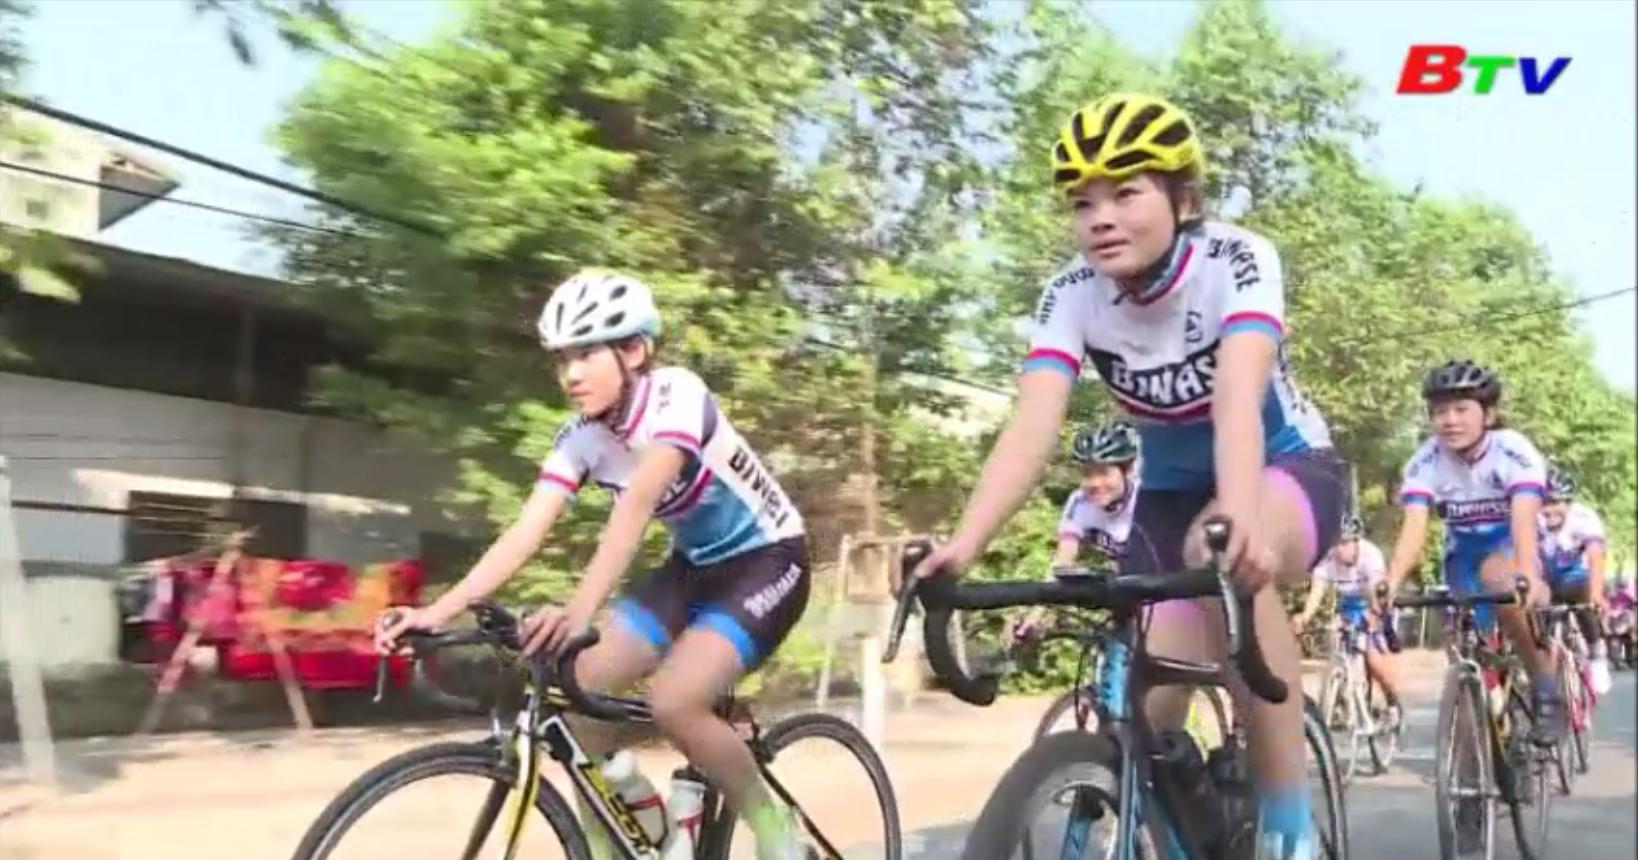 Đội xe đạp Biwase Bình Dương đặt mục tiêu cho sân chơi vô địch Quốc gia